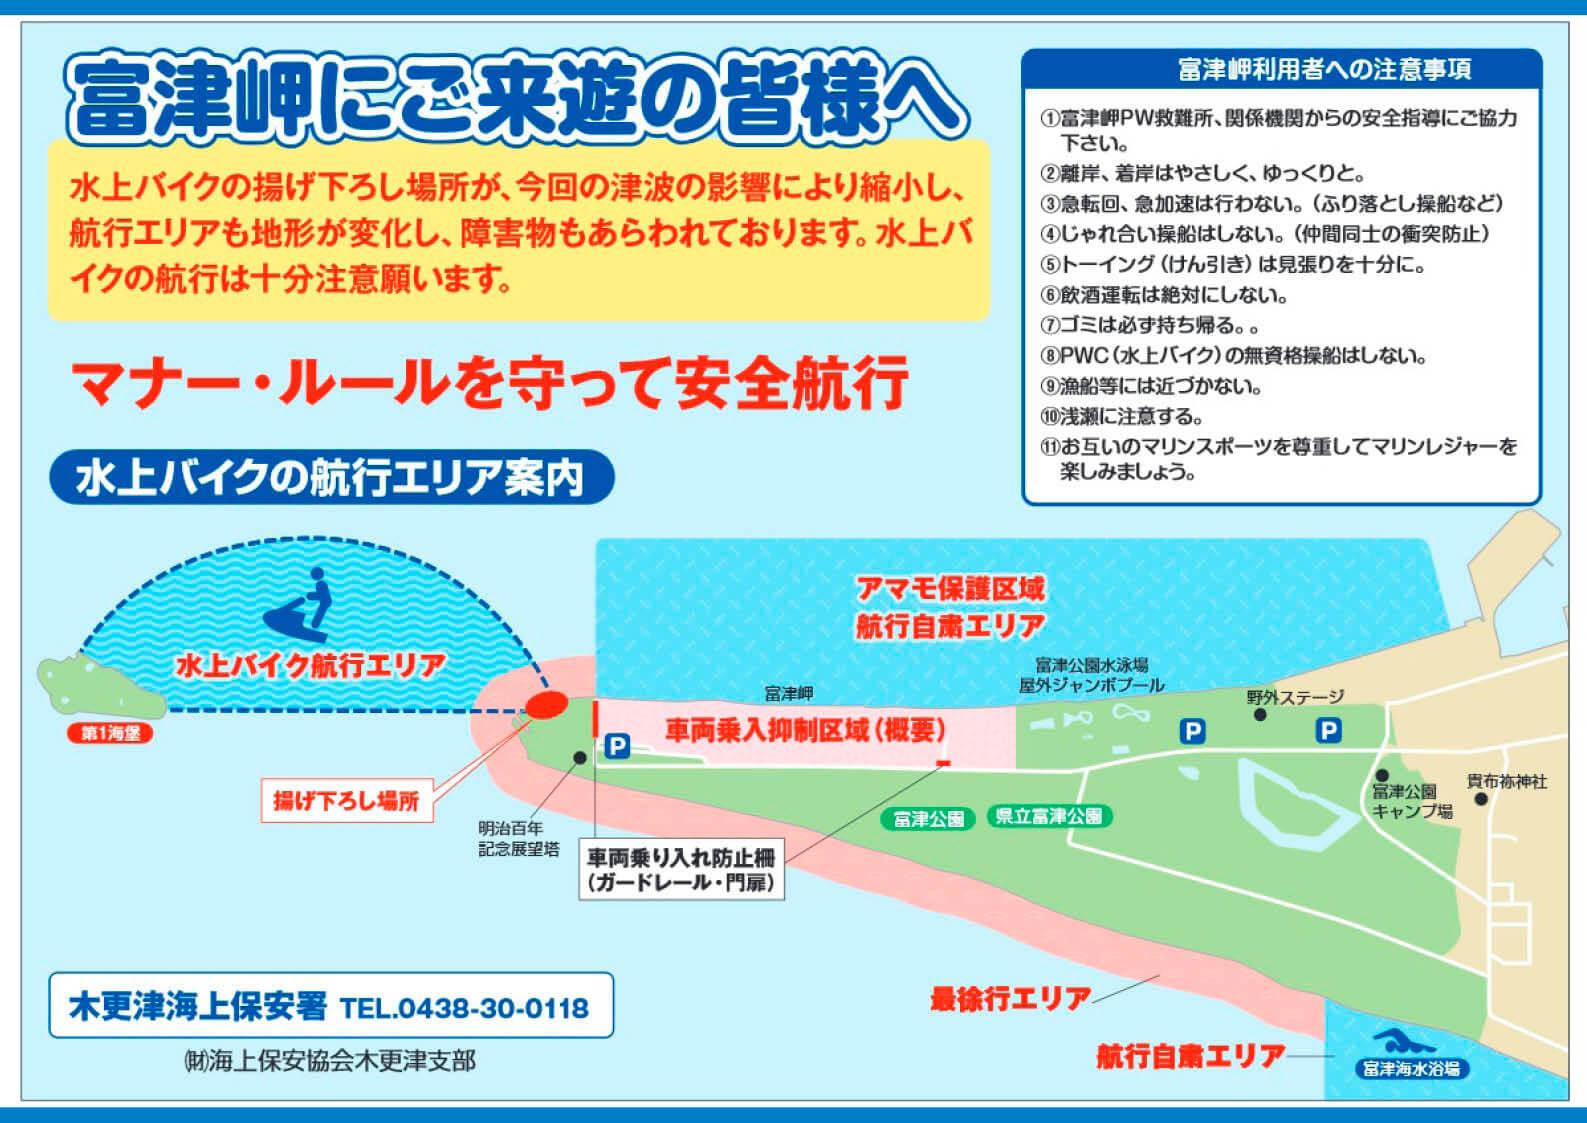 【富津岬のルール】関東の有数のゲレンデ、富津岬でジェットスキーに乗るときに気を付けること (水上バイク)